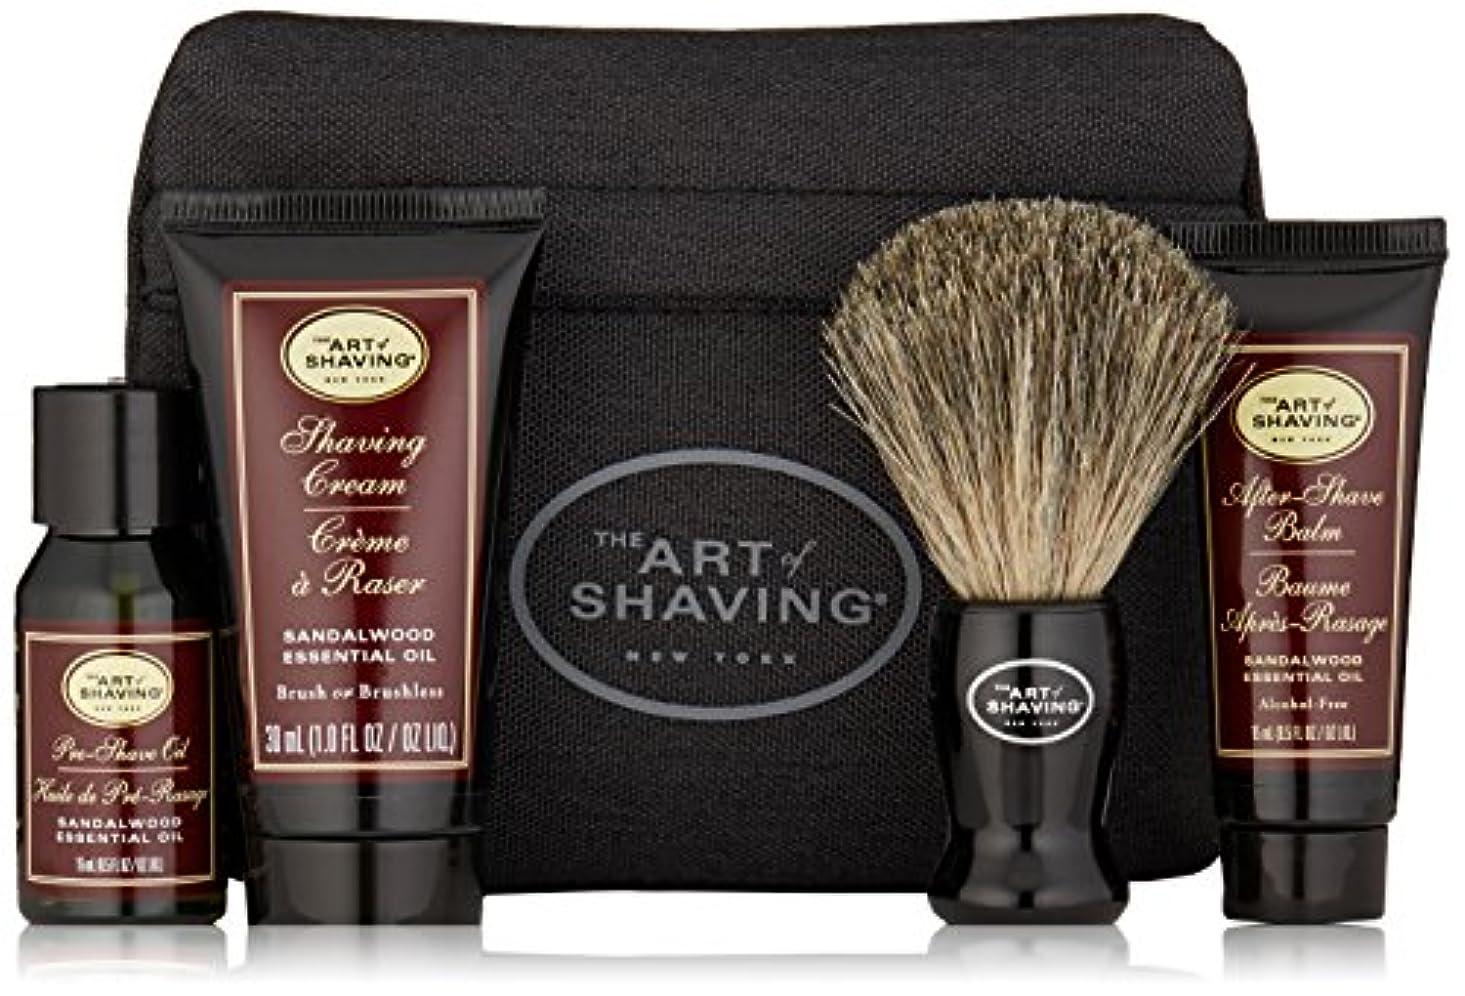 実用的型肥料アートオブシェービング Starter Kit - Sandalwood: Pre Shave Oil + Shaving Cream + After Shave Balm + Brush + Bag 4pcs + 1Bag...